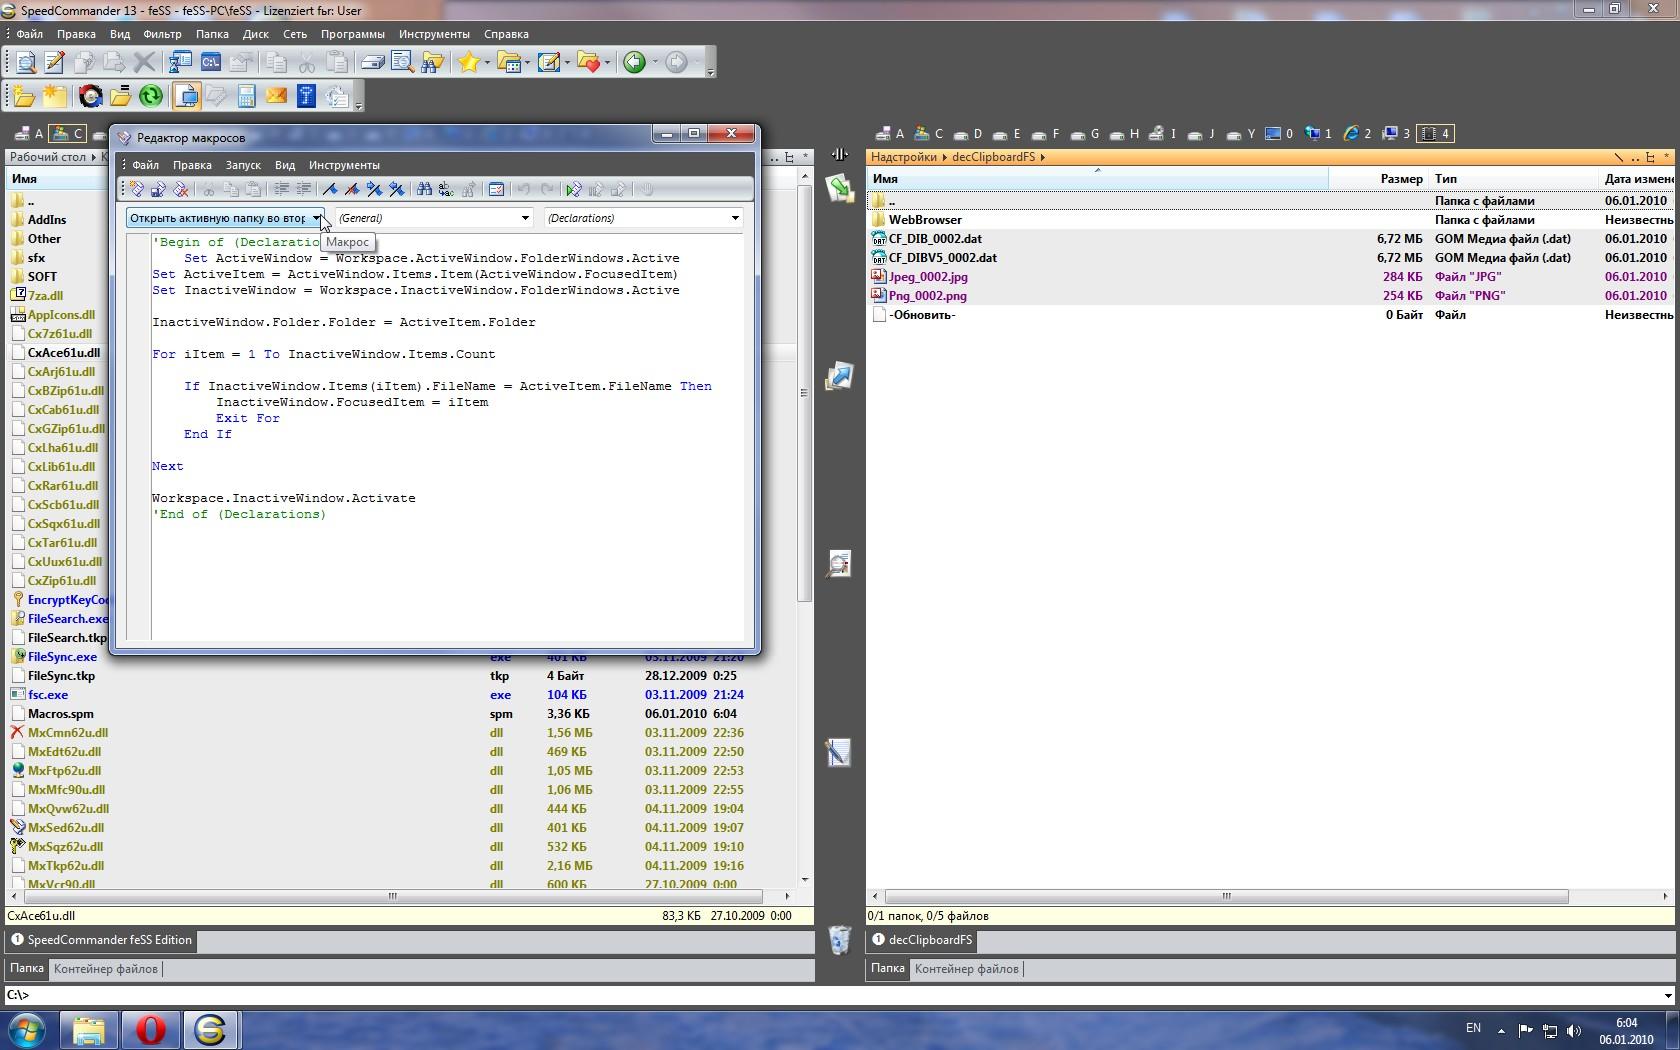 SpeedCommander feSS Edition v1.05